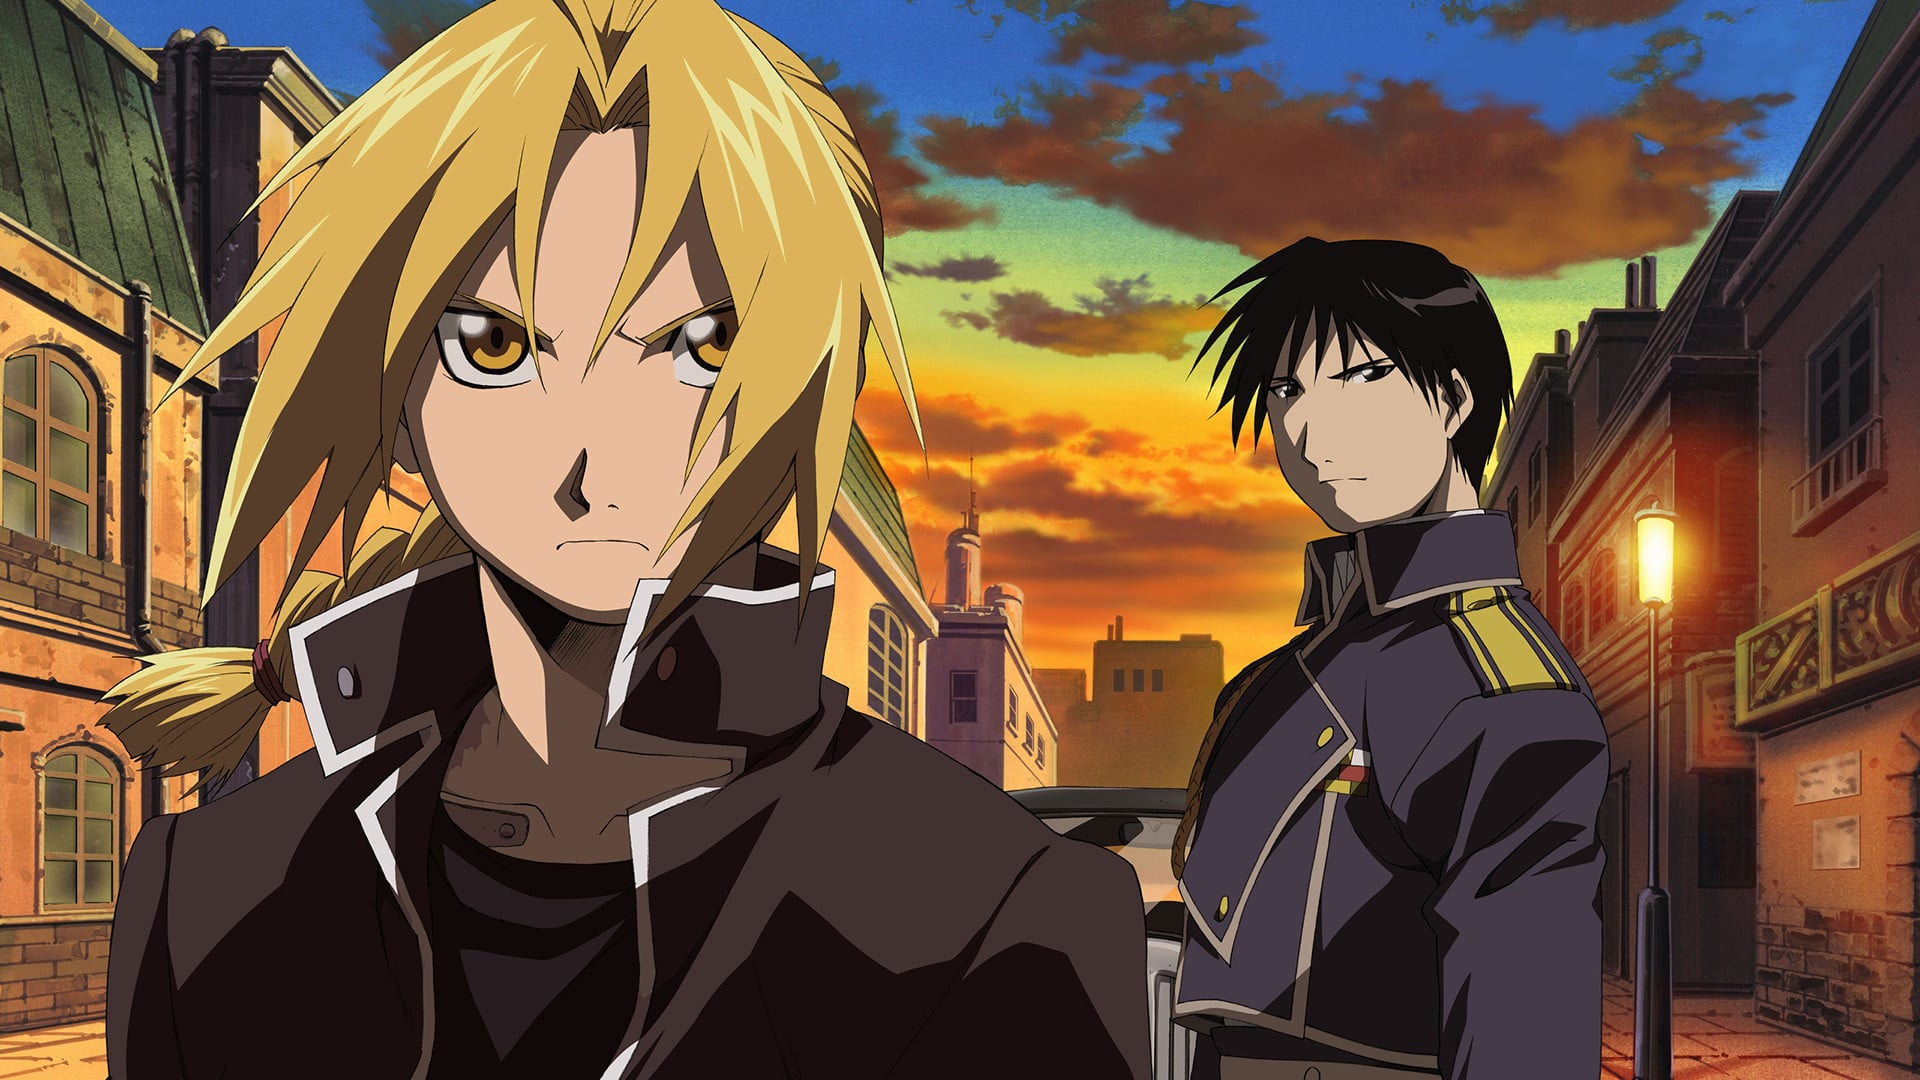 Fullmetal Alchemist Brotherhood y la redención - Seriéfil@s Enfurecid@s